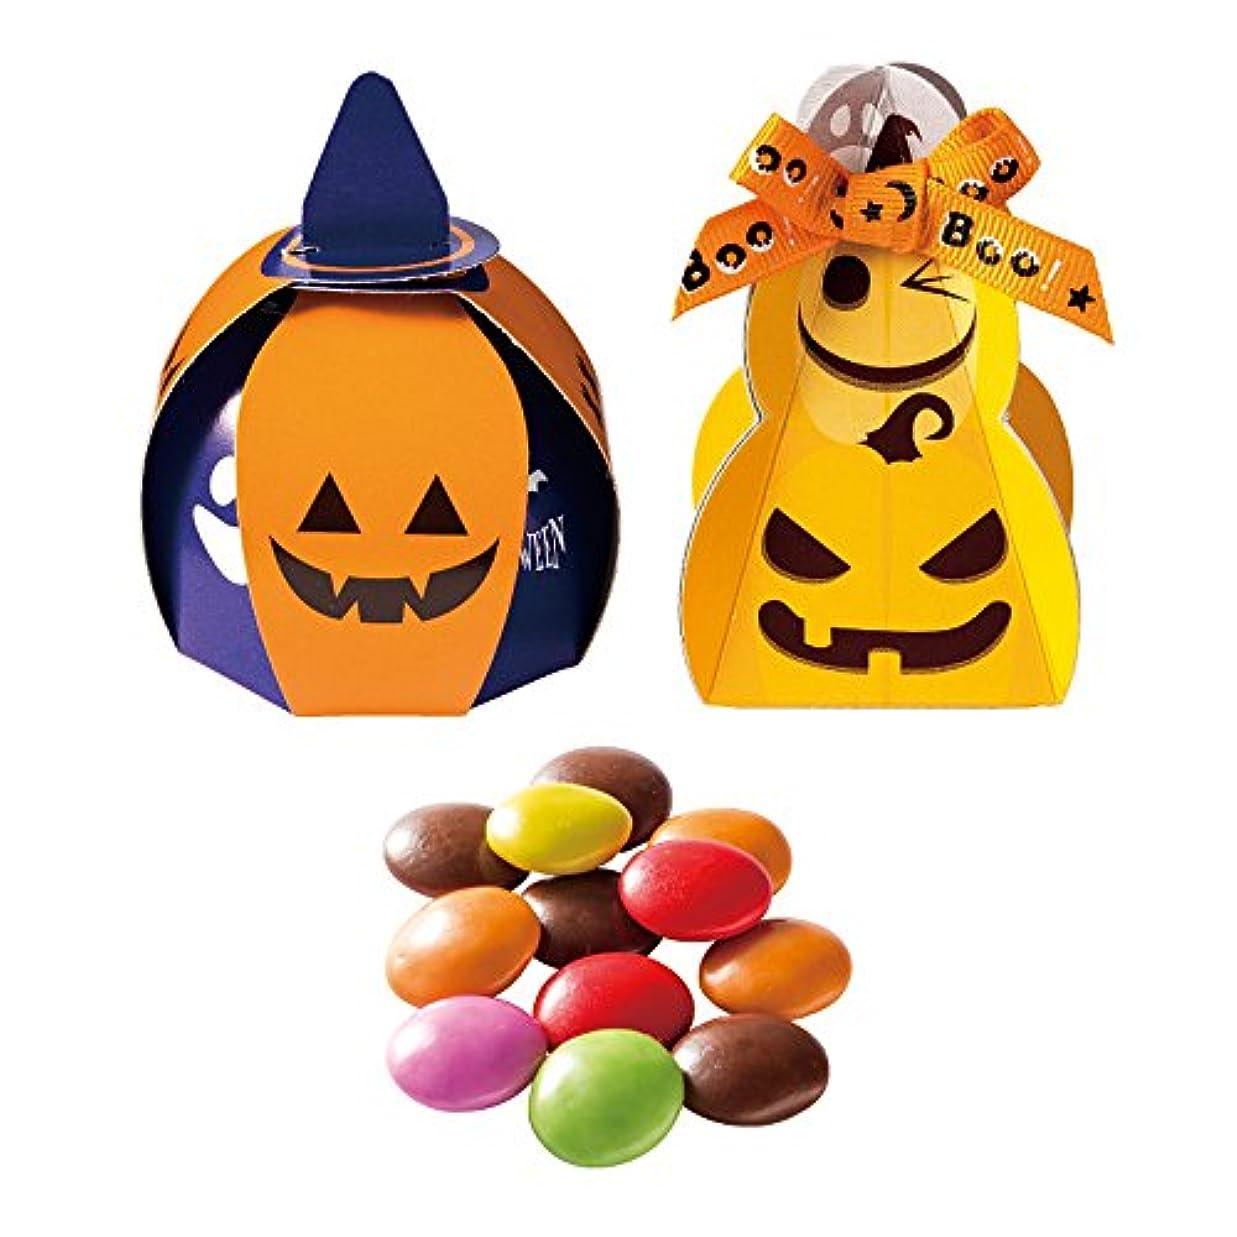 緩めるソフトウェアさせるハロウィンのかぼちゃ馬車2種アソート お菓子 プチギフト パーティー イベント 販促品 マーブルチョコ